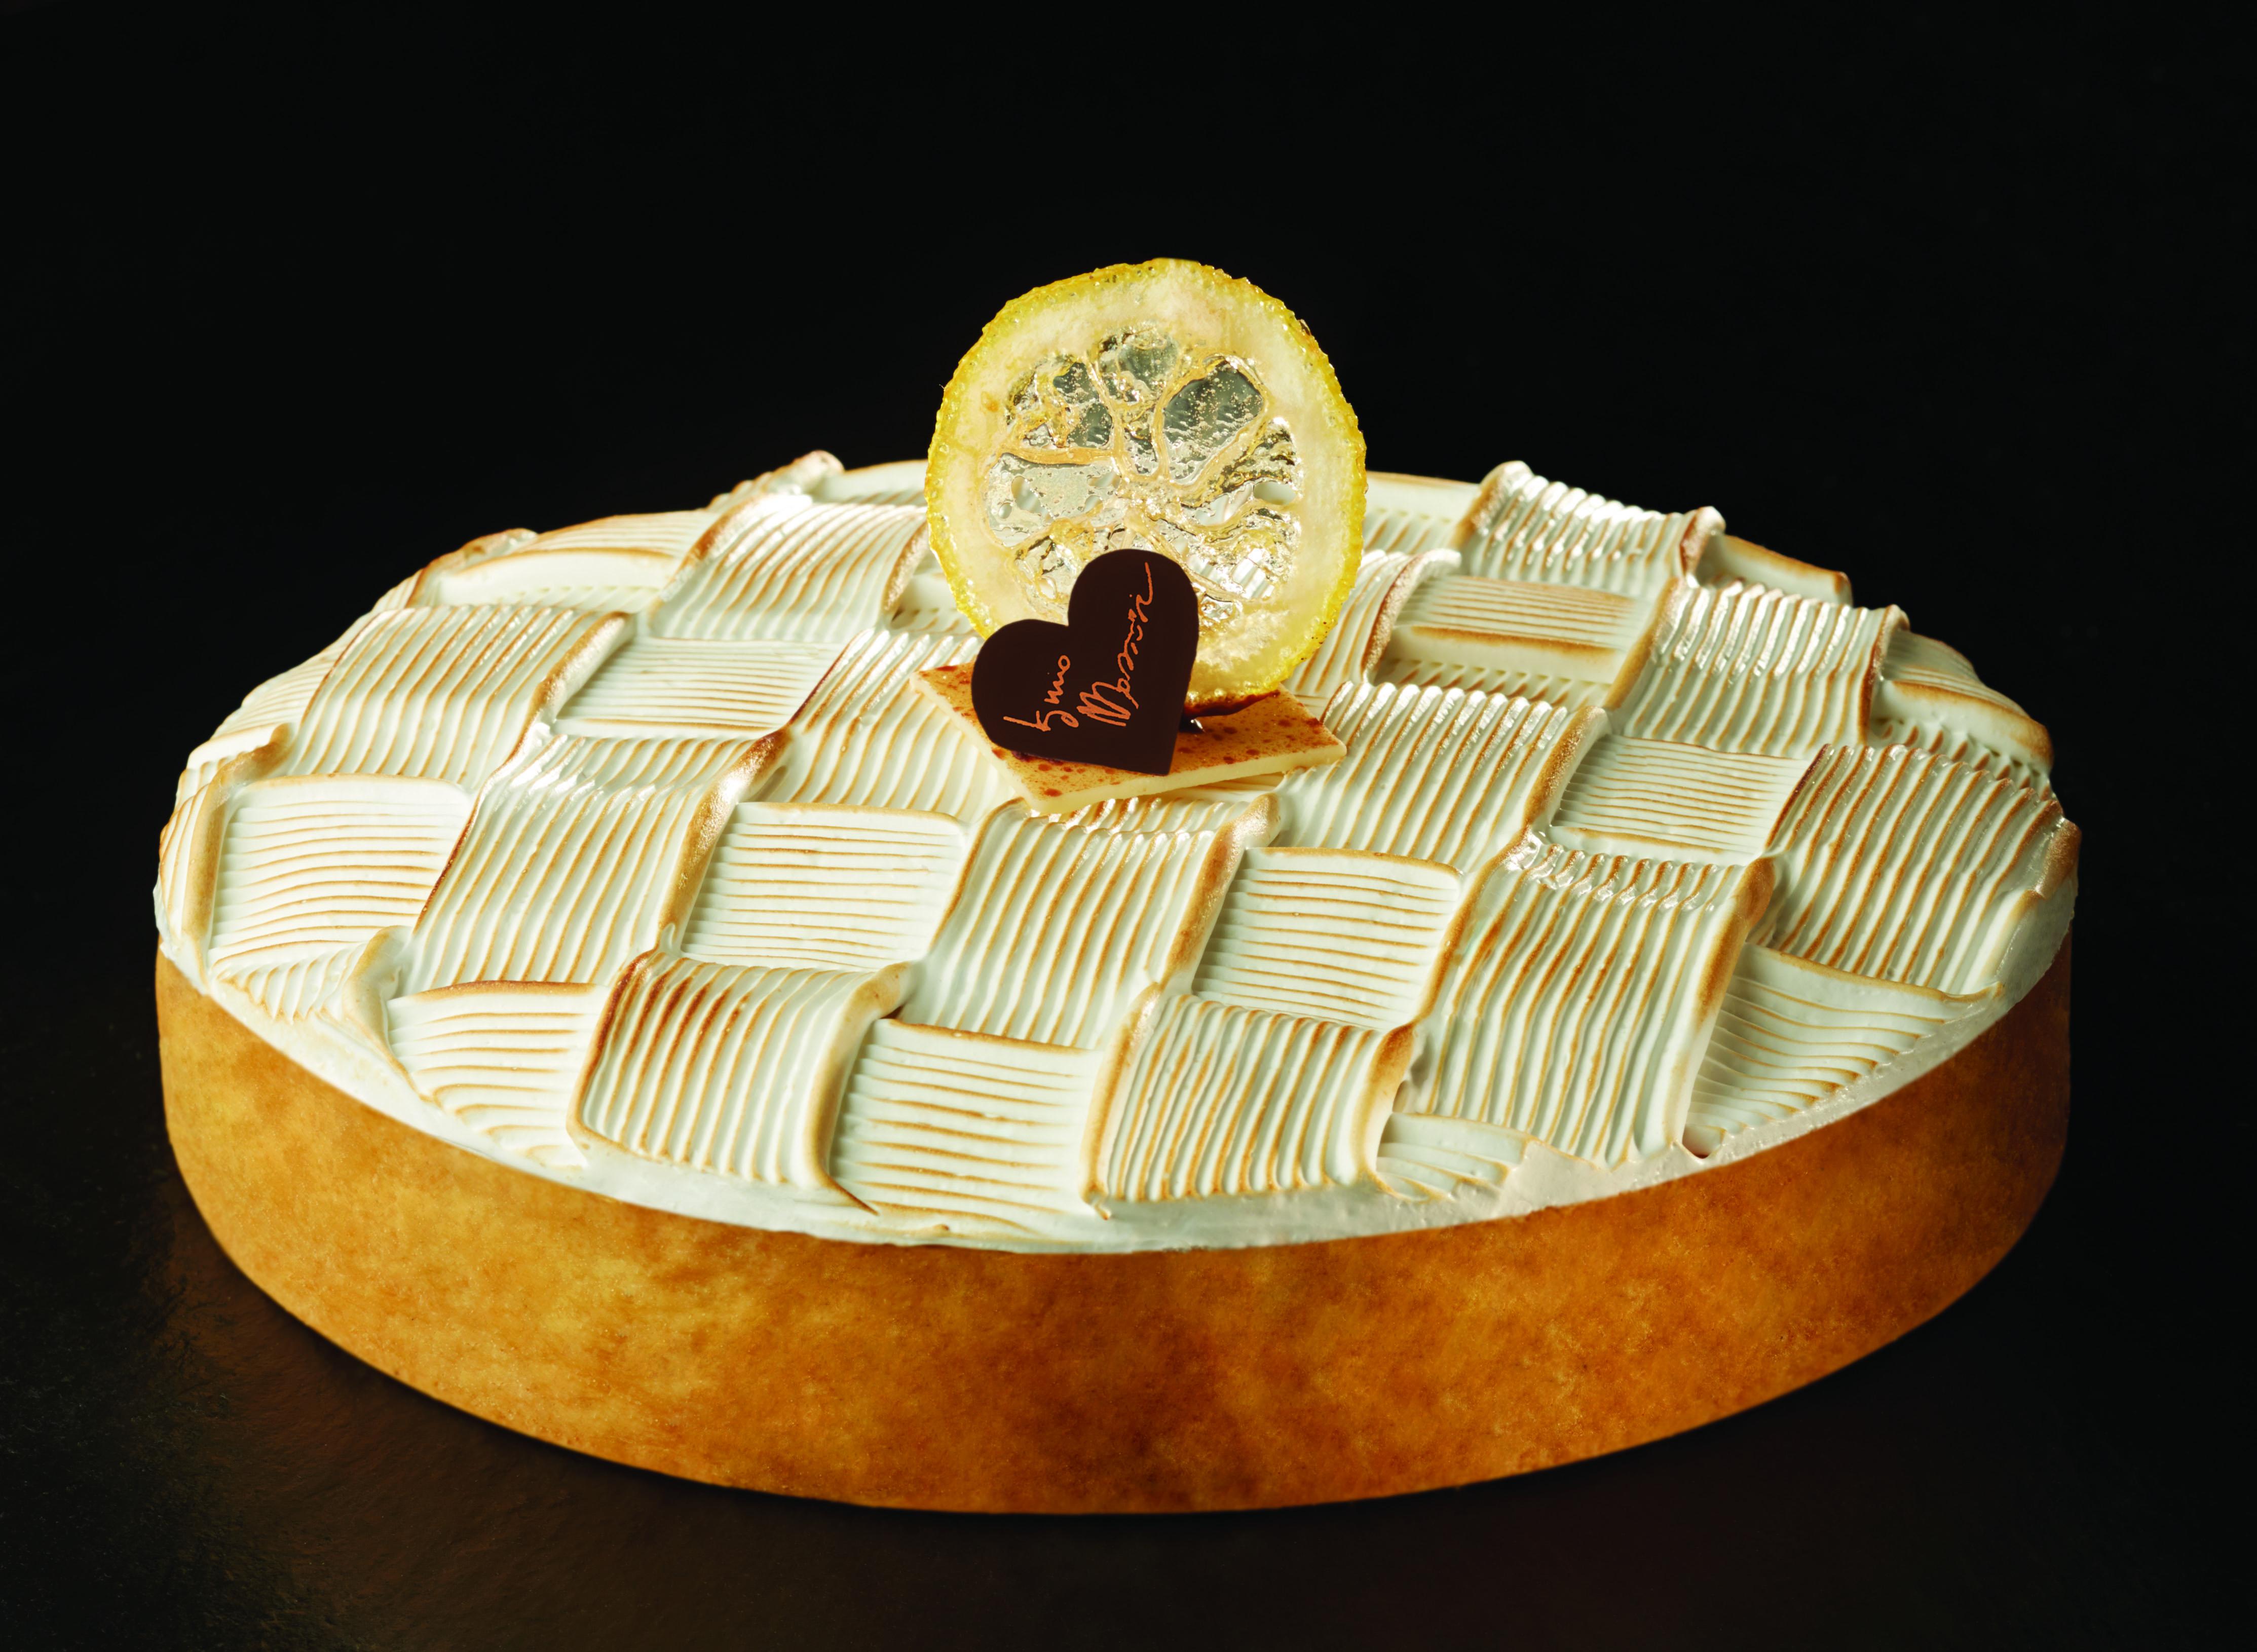 Torta-limone-e-frutta-meringata-Massari